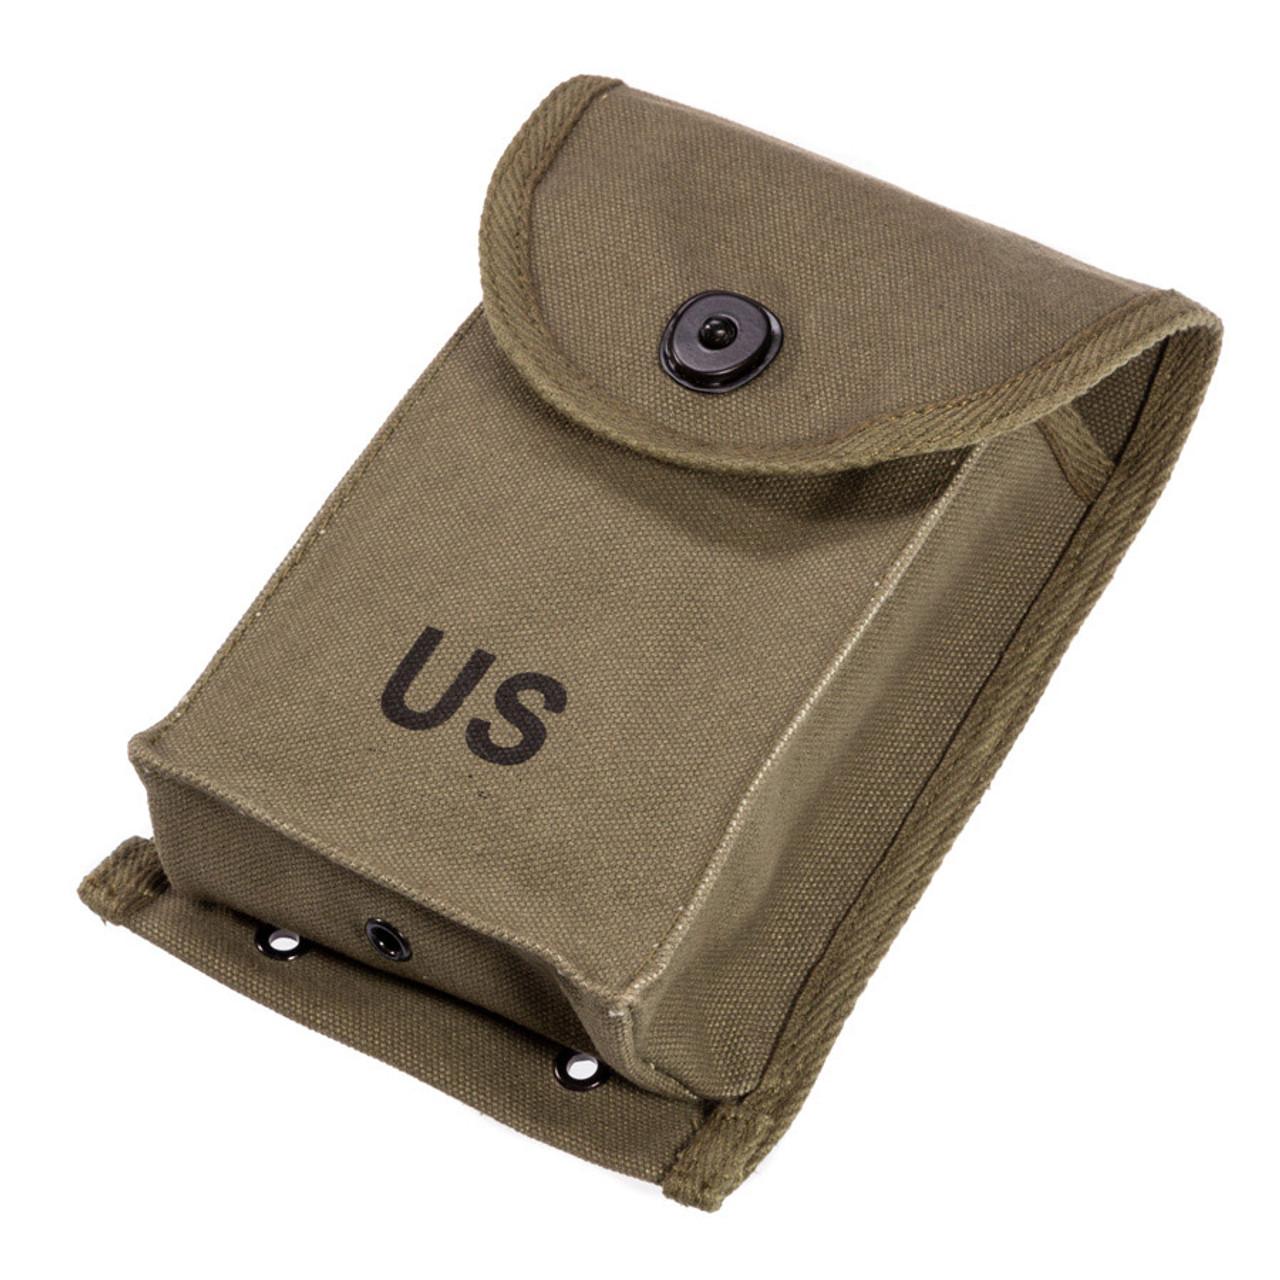 M1 Carbine 4 Pocket Magazine Pouch Kahr Firearms Group